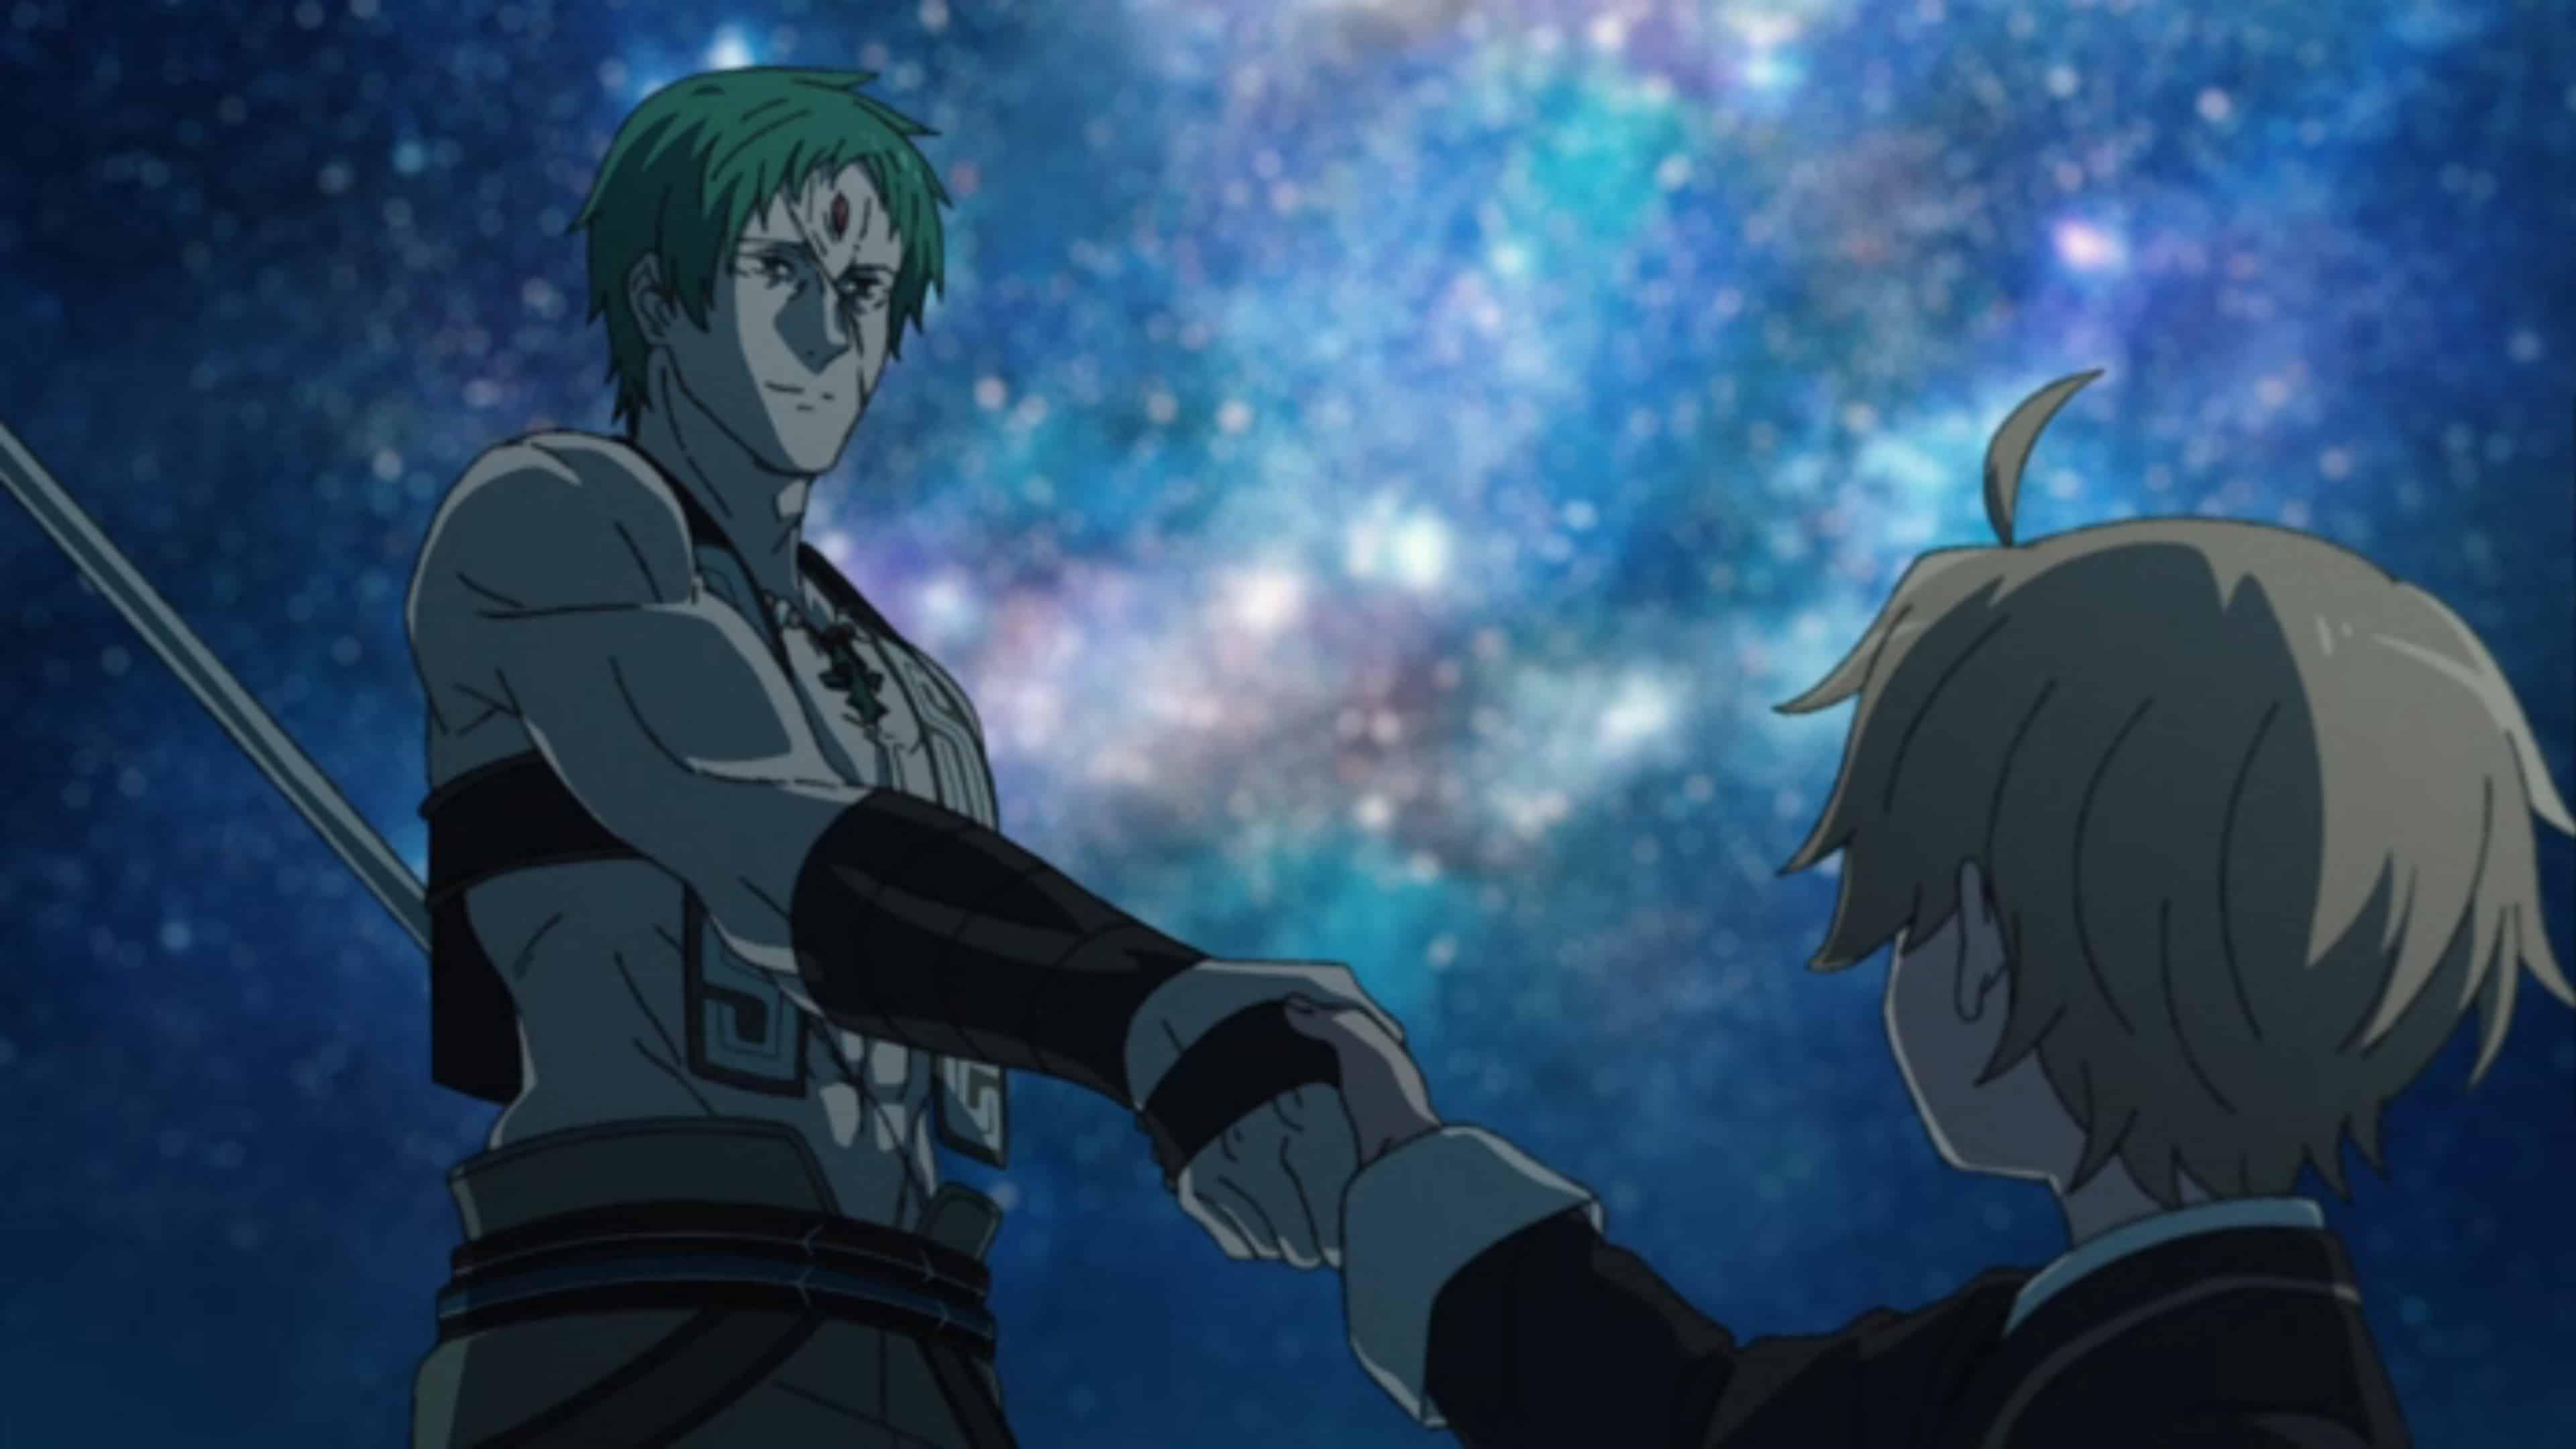 Ruijerd and Rudy shaking hands